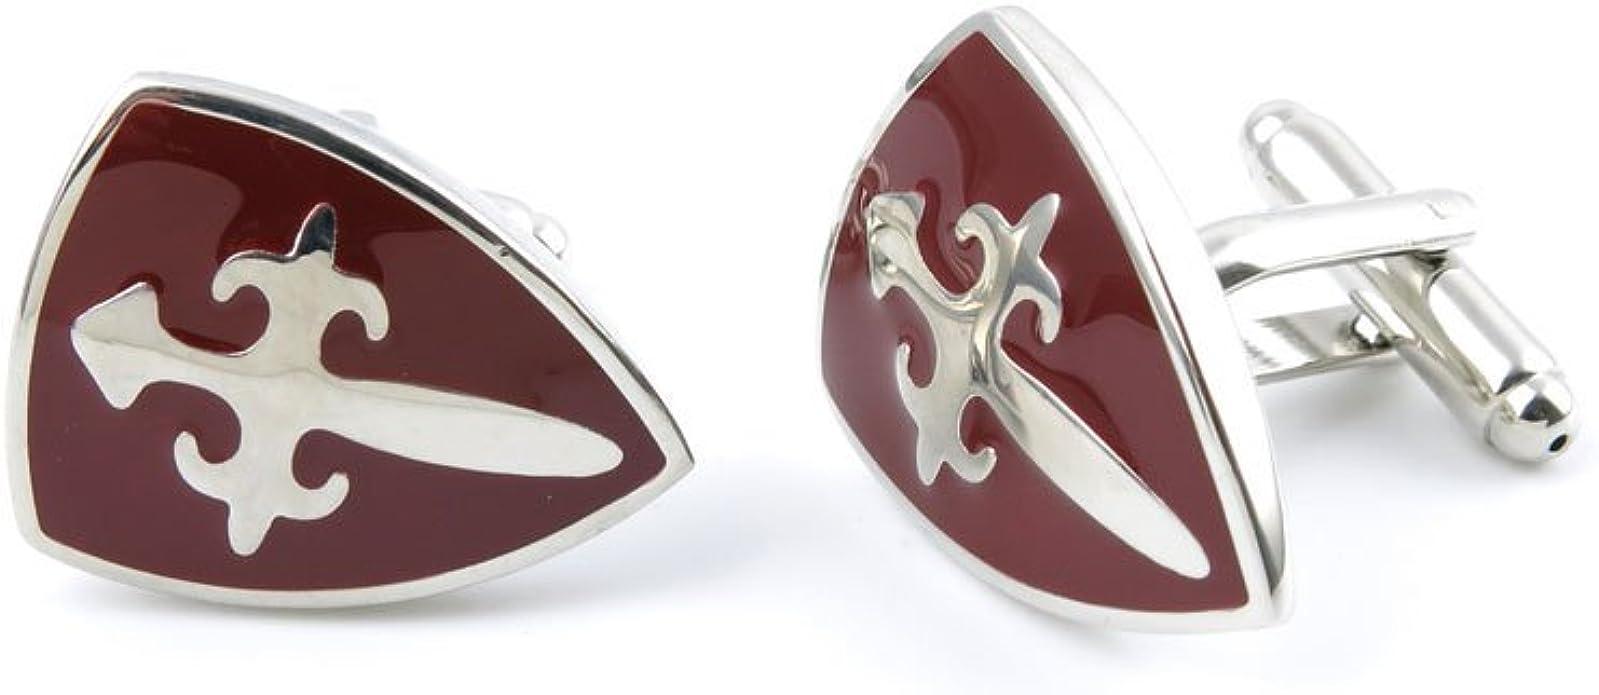 Gemelos Cuff Links 06334 marrón escudo espada para hombre Vintage regalo para esmoquin camisas boda Party: Amazon.es: Joyería